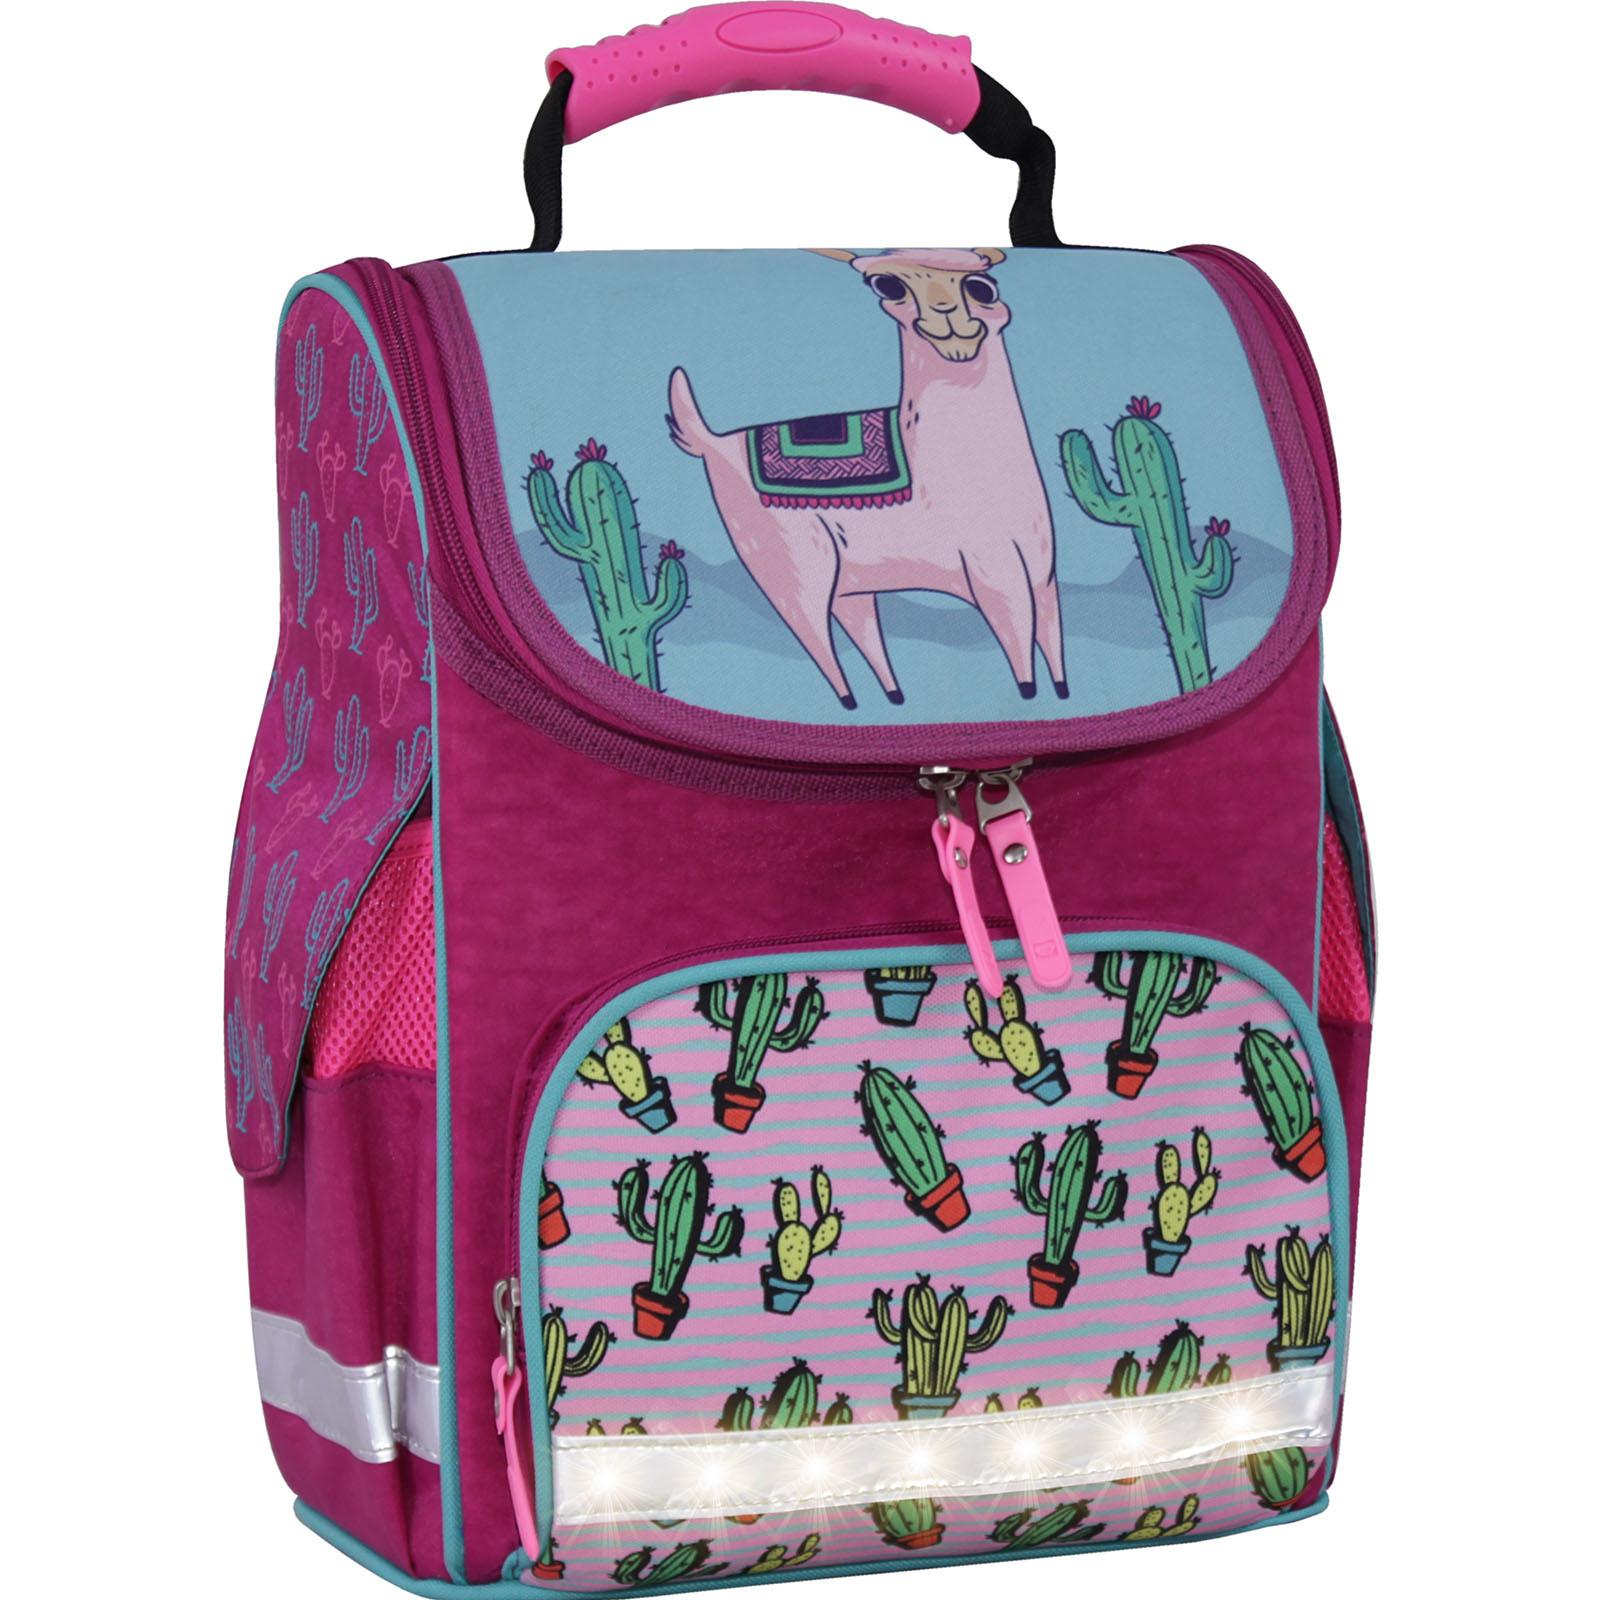 Школьные рюкзаки Рюкзак школьный каркасный с фонариками Bagland Успех 12 л. малиновый 617 (00551703) IMG_3765свет.суб617-1600.jpg